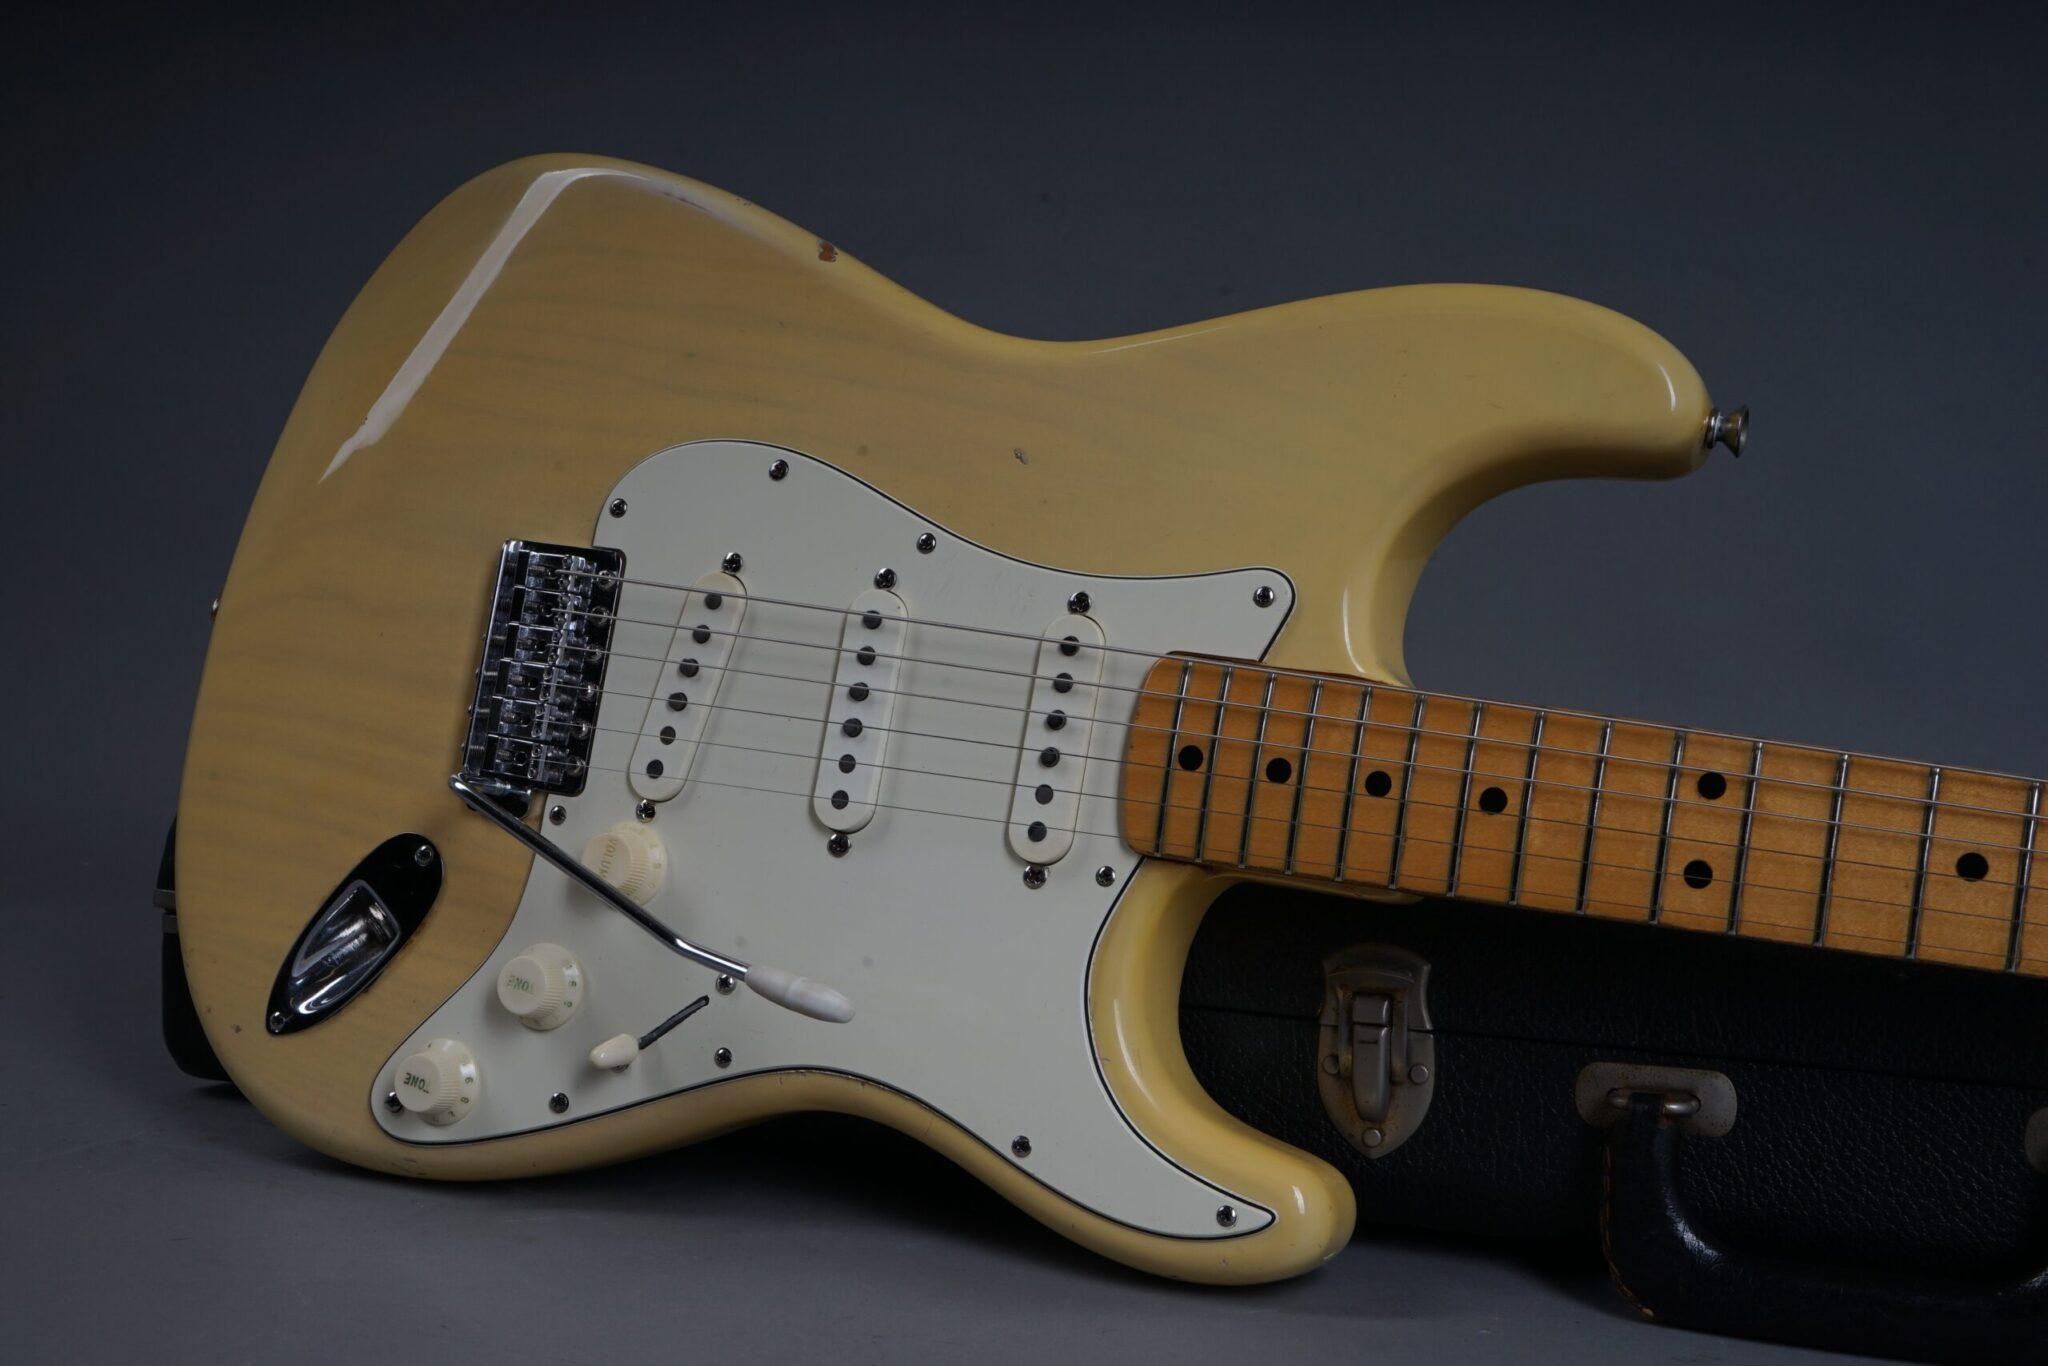 https://guitarpoint.de/app/uploads/products/1973-fender-stratocaster-blond/1973-Fender-Stratocaster-Blond-421803-19-scaled-2048x1366.jpg